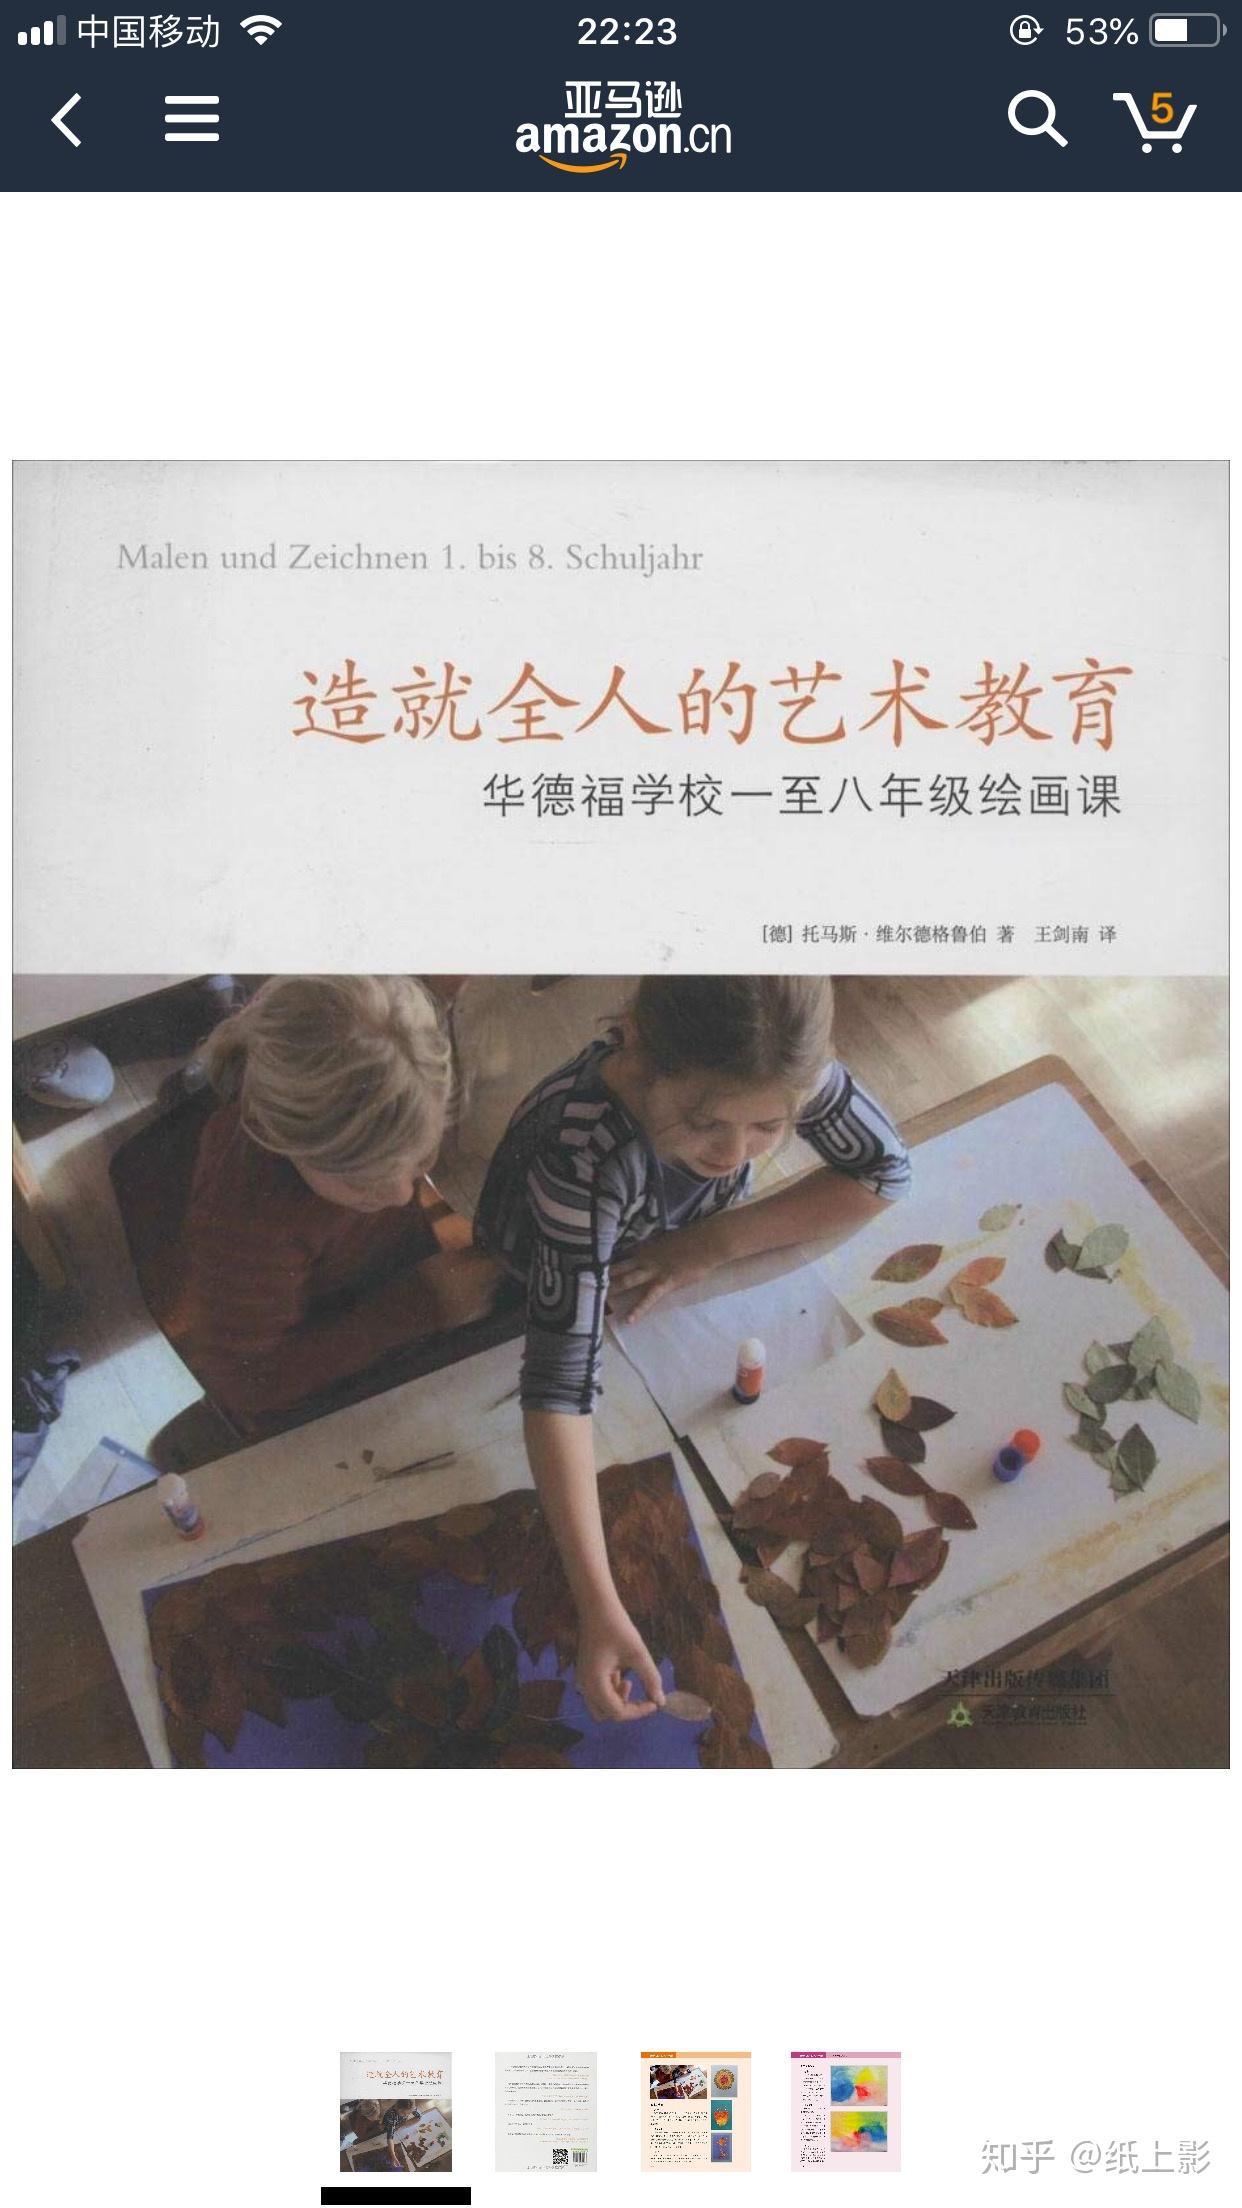 美国儿童美术教育_儿童美术教育的核心理念是什么? - 知乎